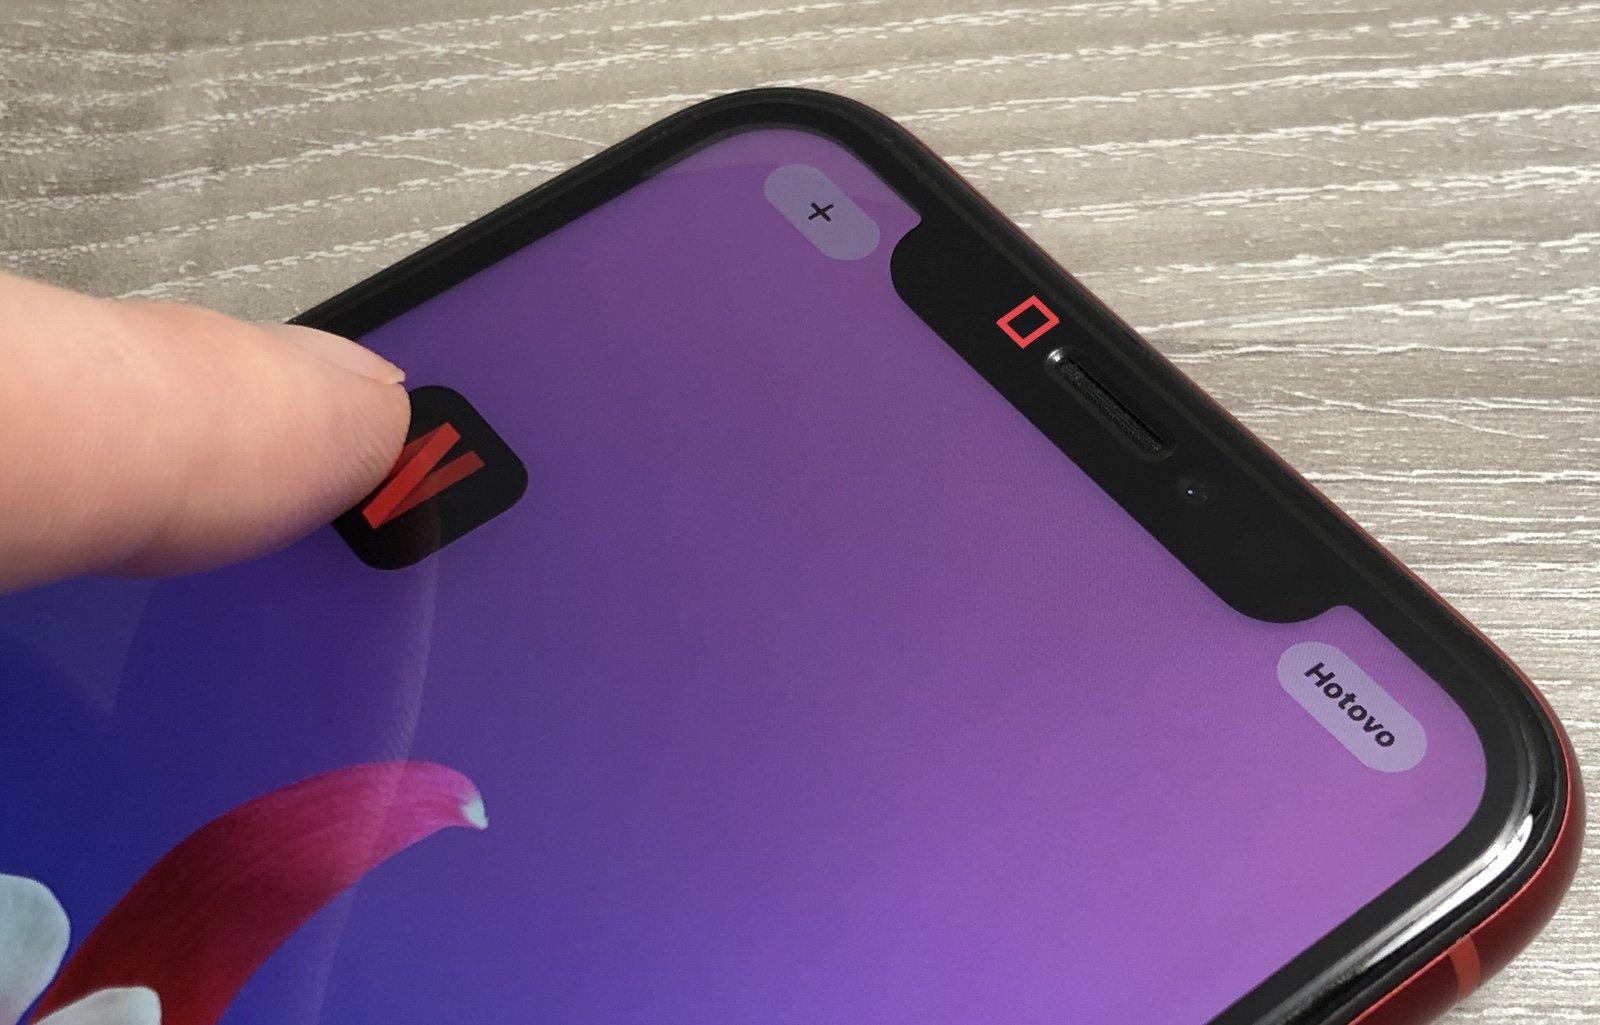 Umístění senzoru přiblížení u iPhone s Face ID